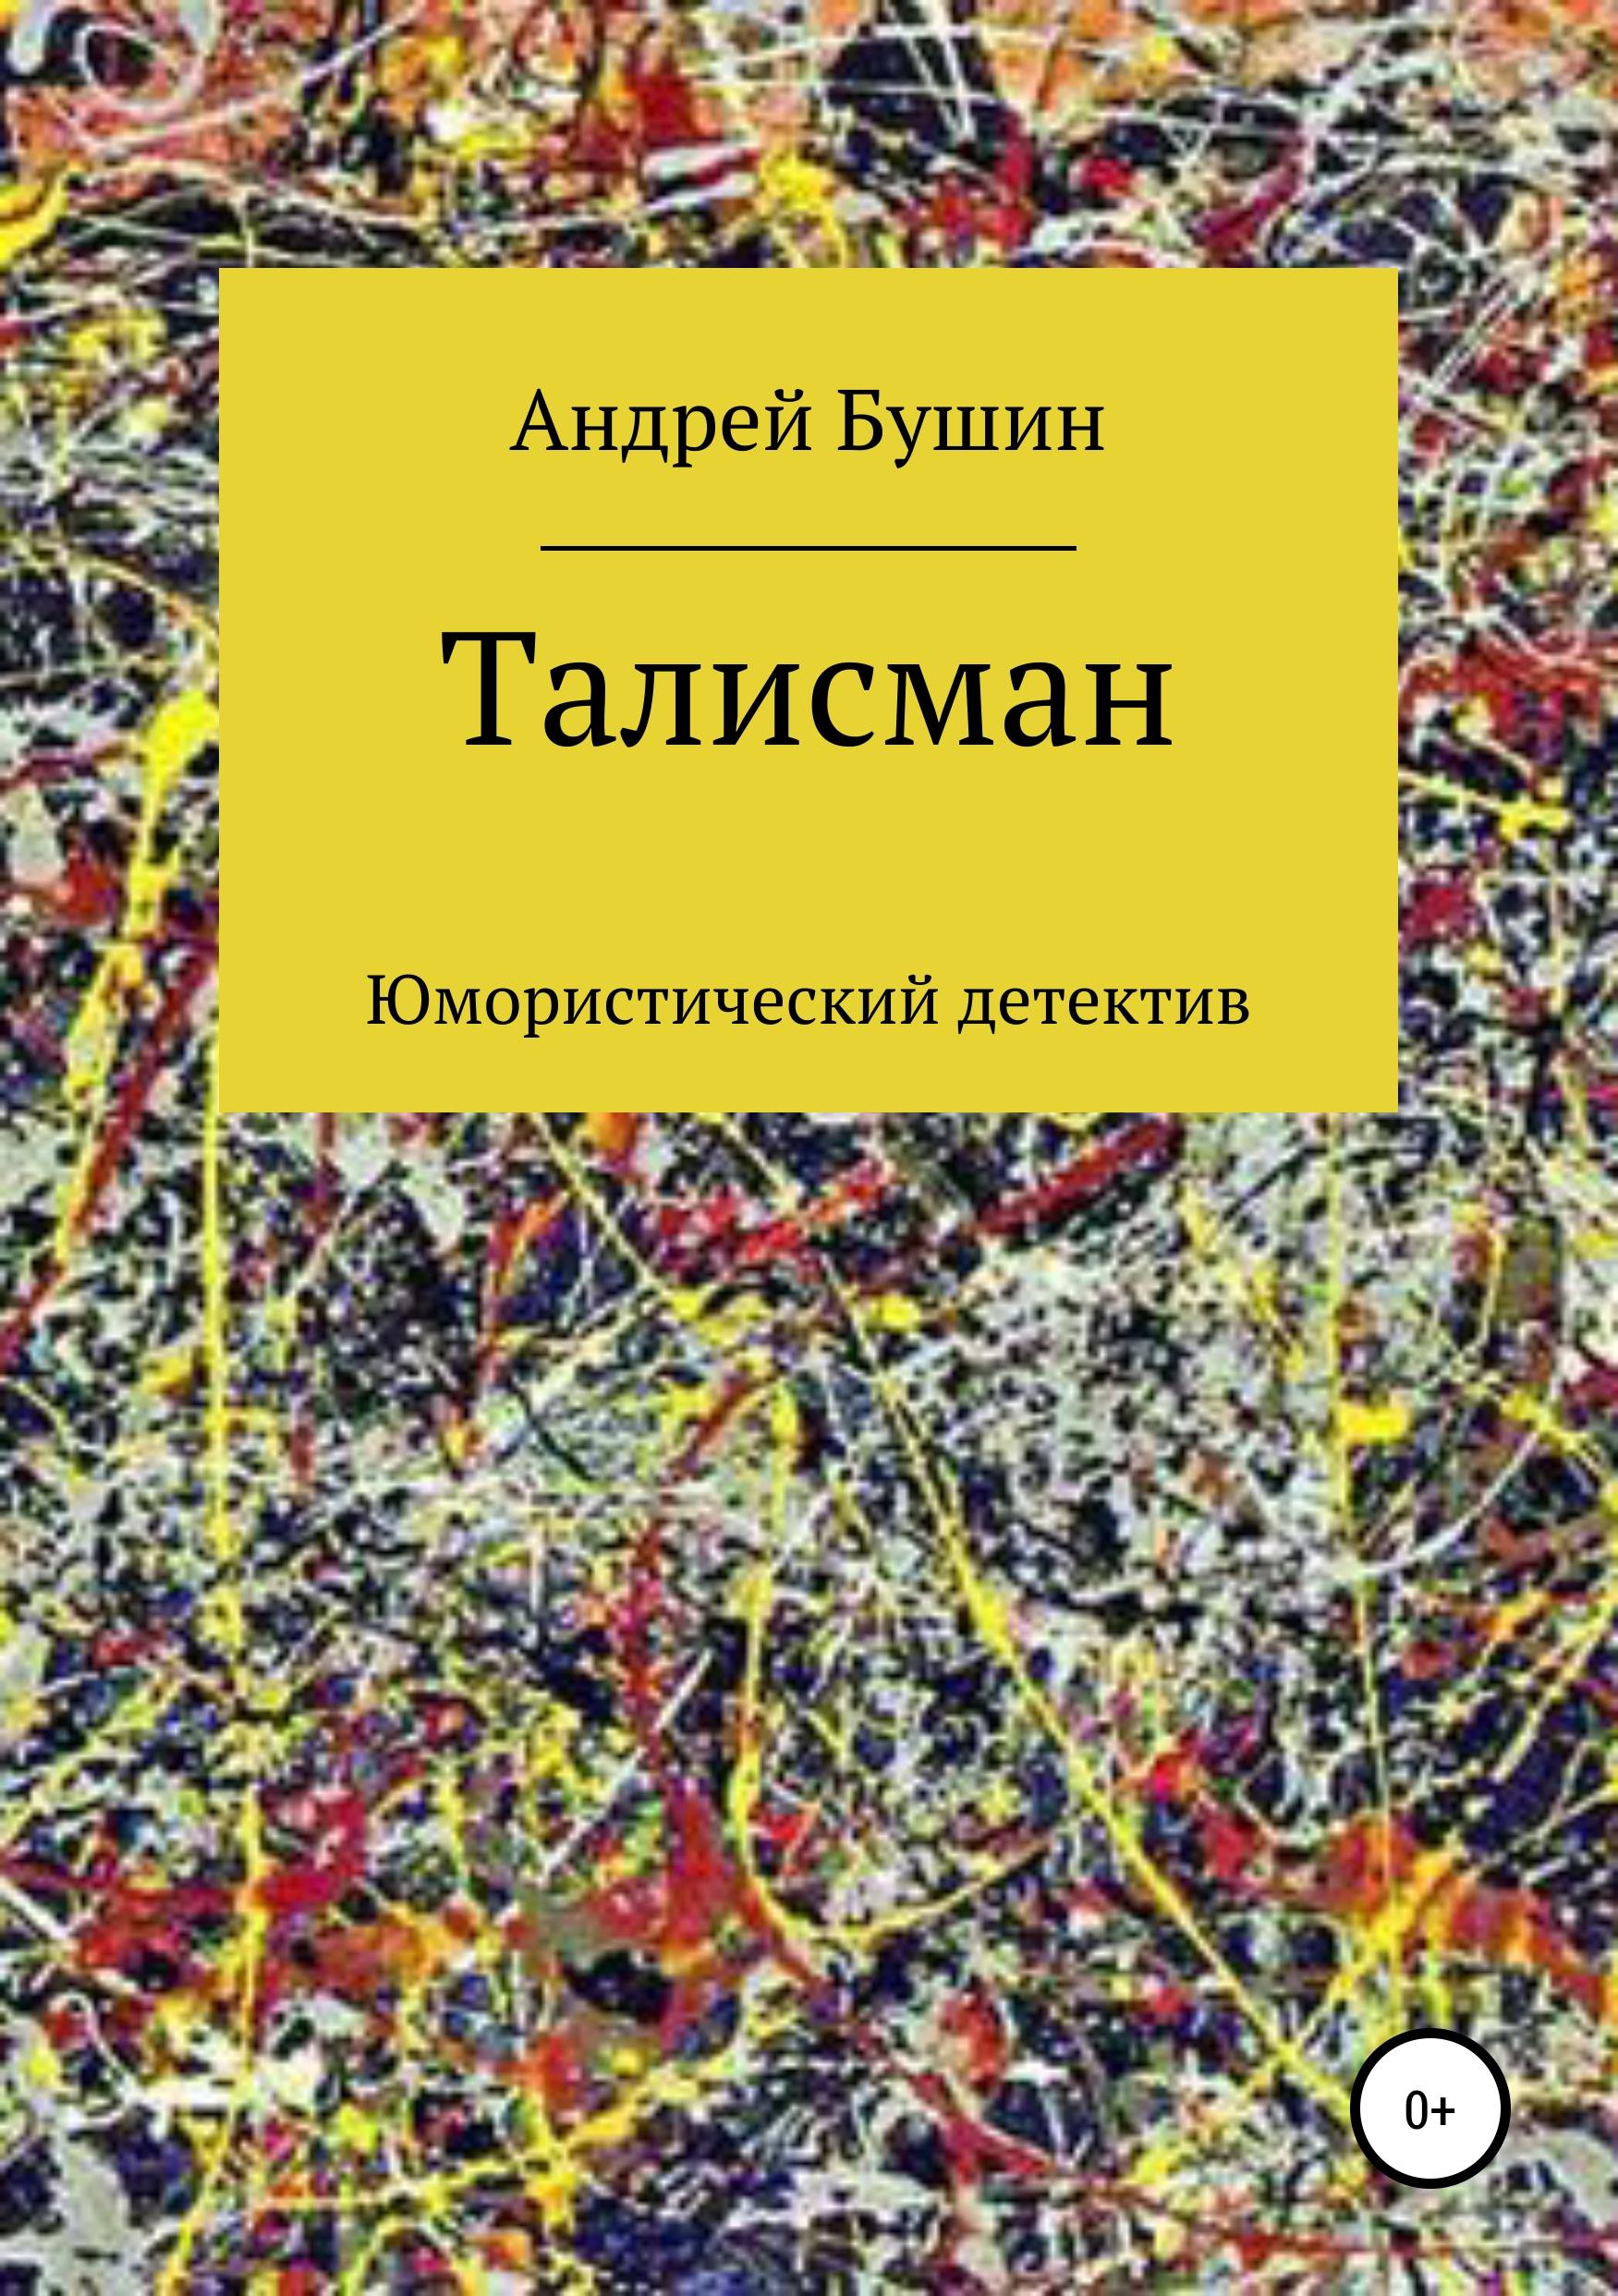 Купить книгу Талисман. Юмористический детектив, автора Андрея Николаевича Бушина